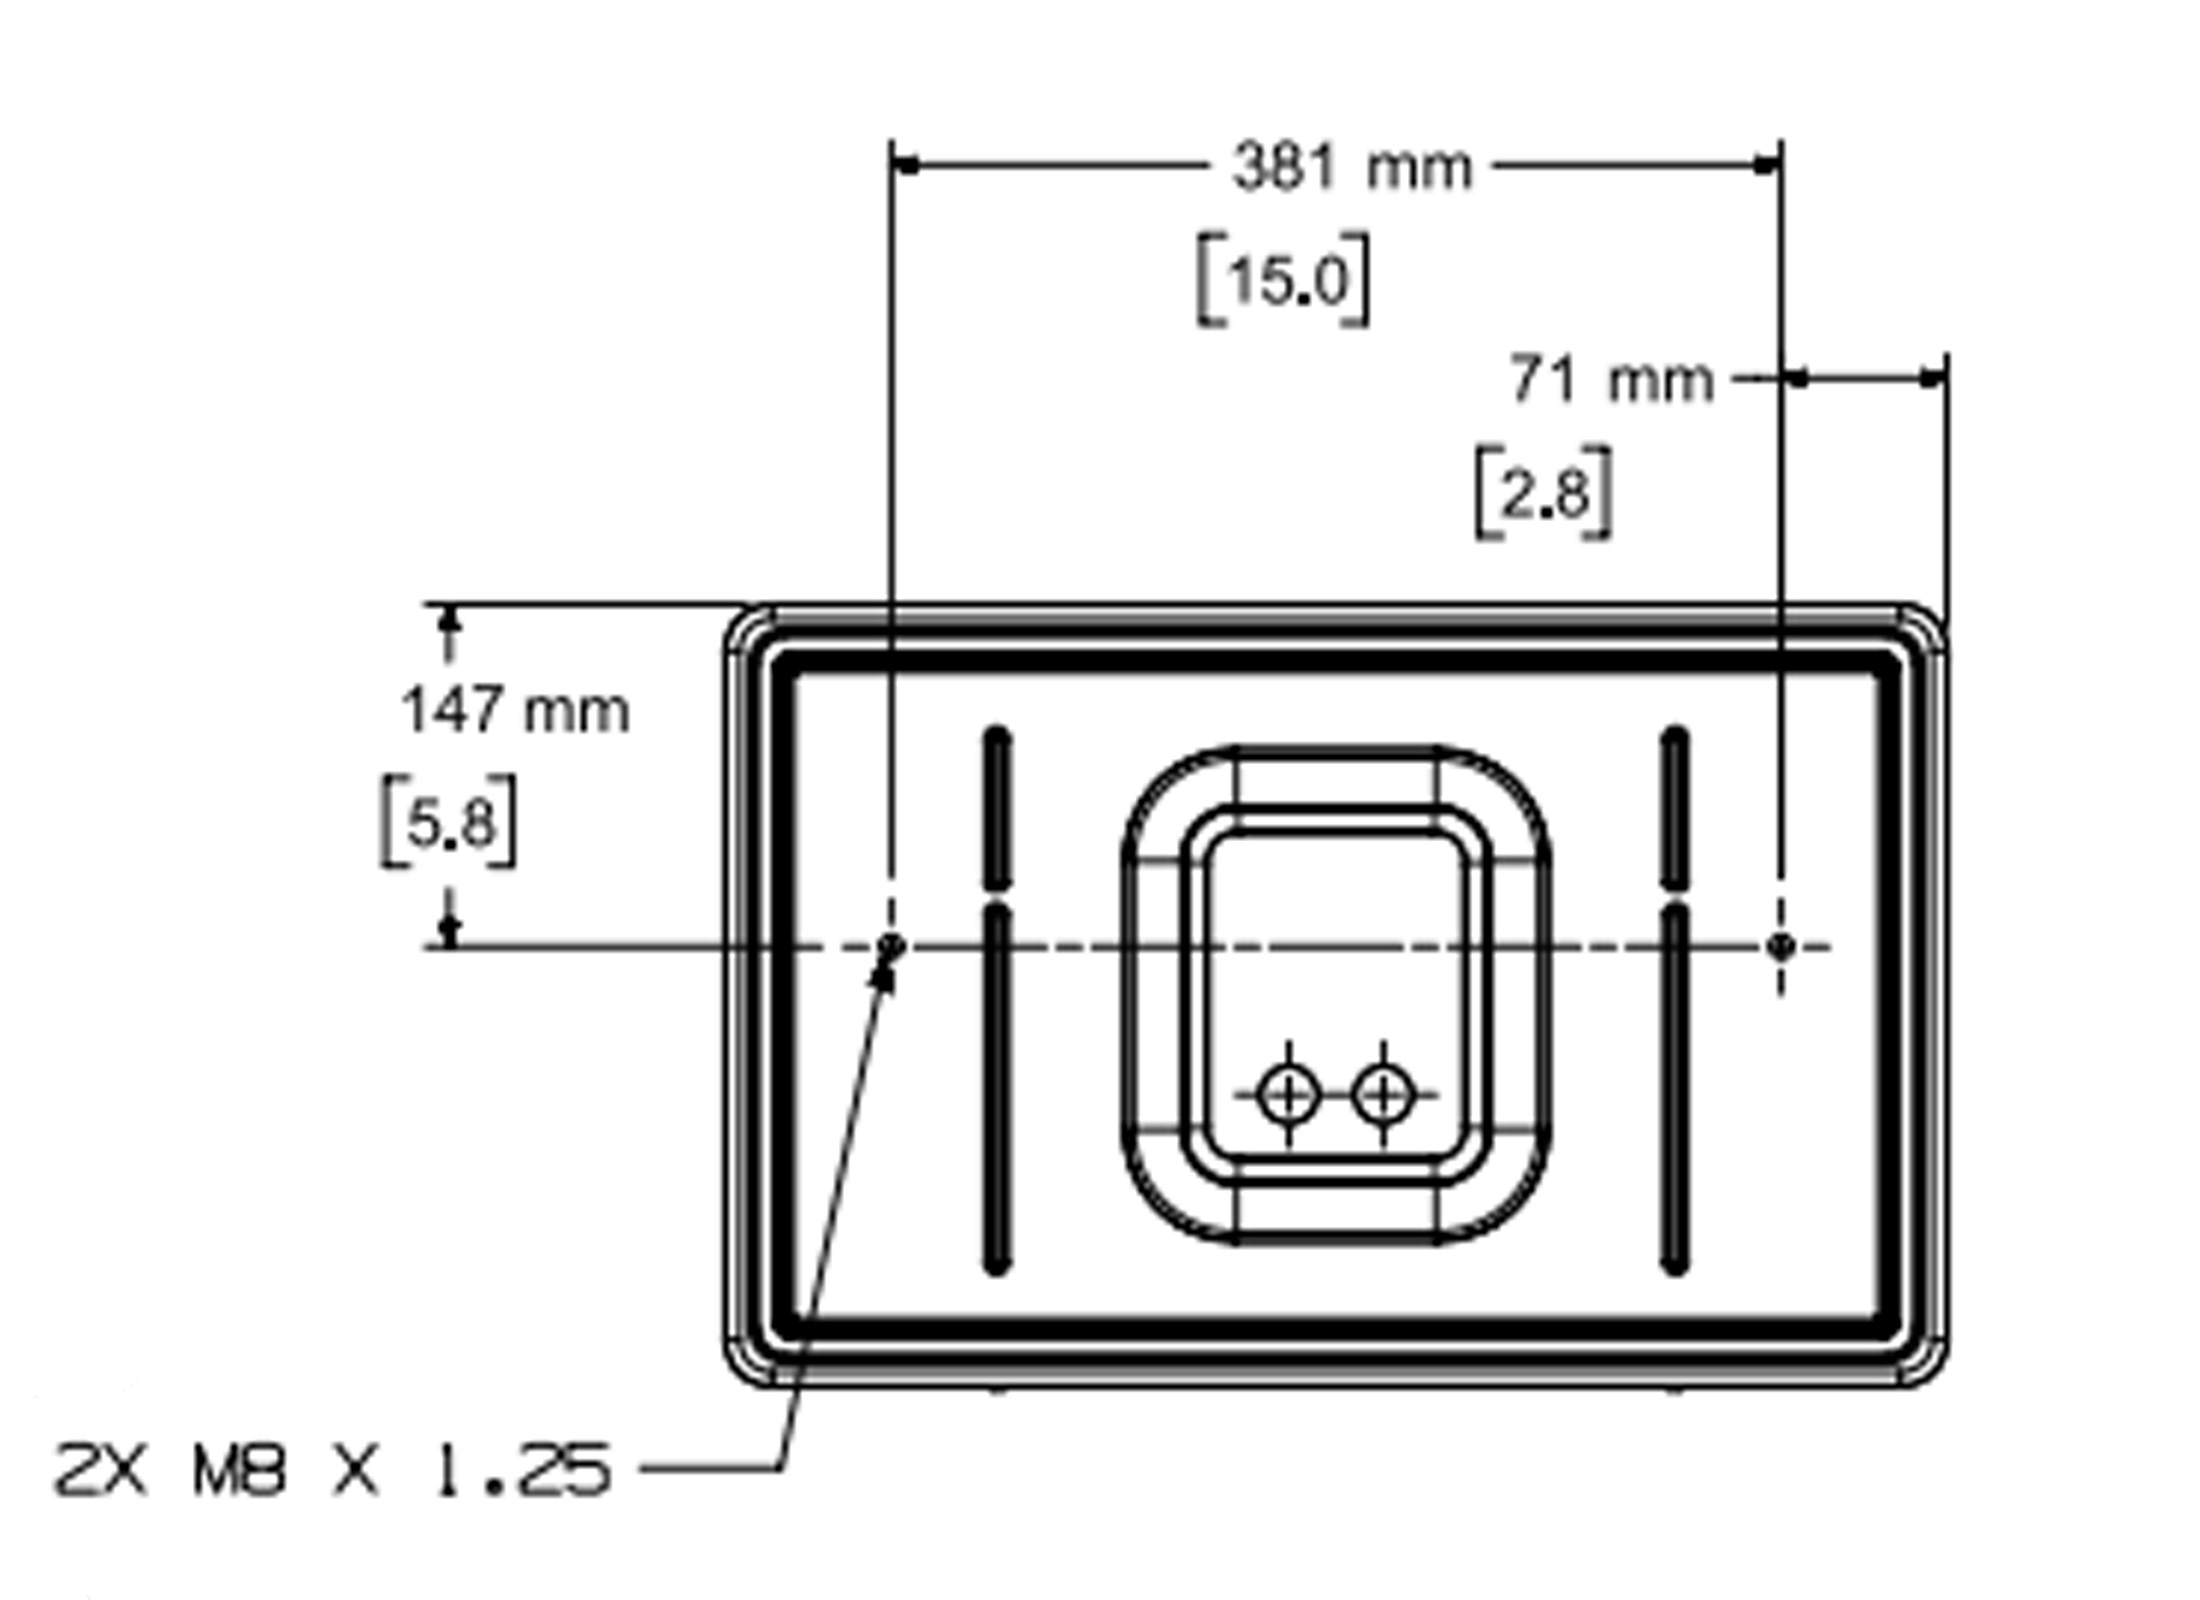 Bose Panaray 802 Ii Outdoor Lautsprecher Schwarz Gunstig Online Kaufen Bei Huss Licht Amp Ton